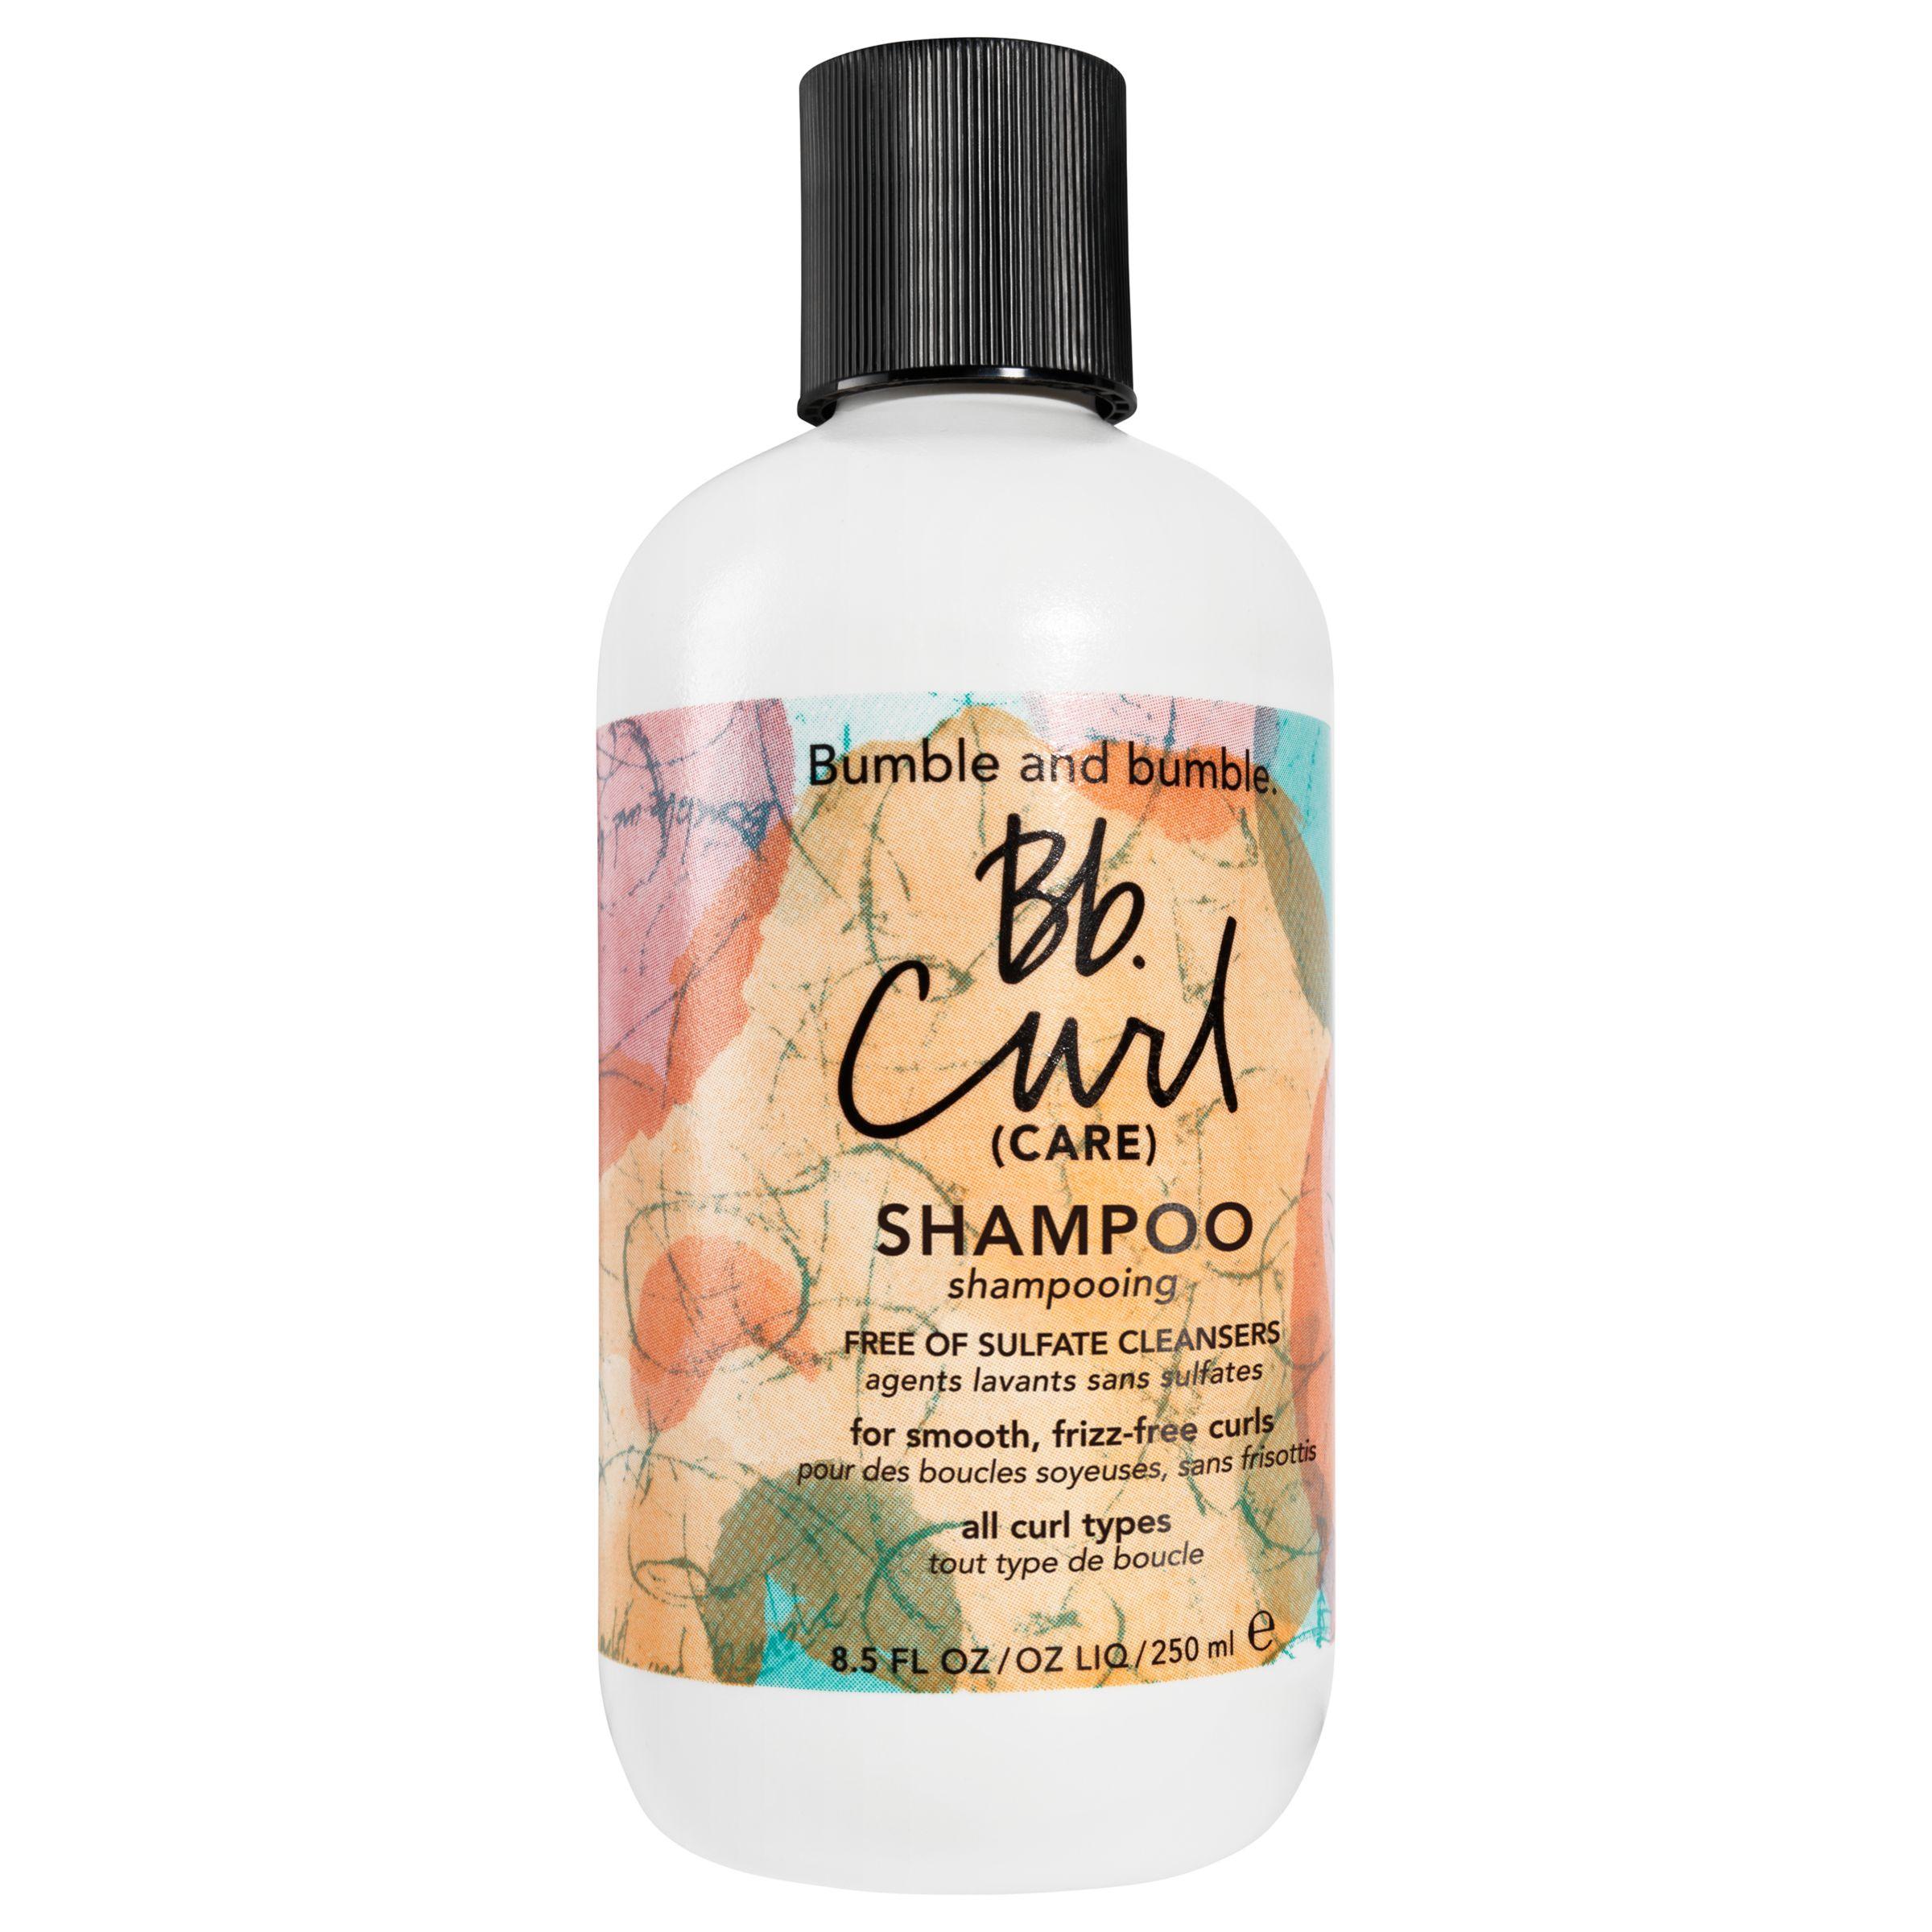 Bumble and bumble Bumble and bumble Curl Sulphate Free Shampoo, 250ml